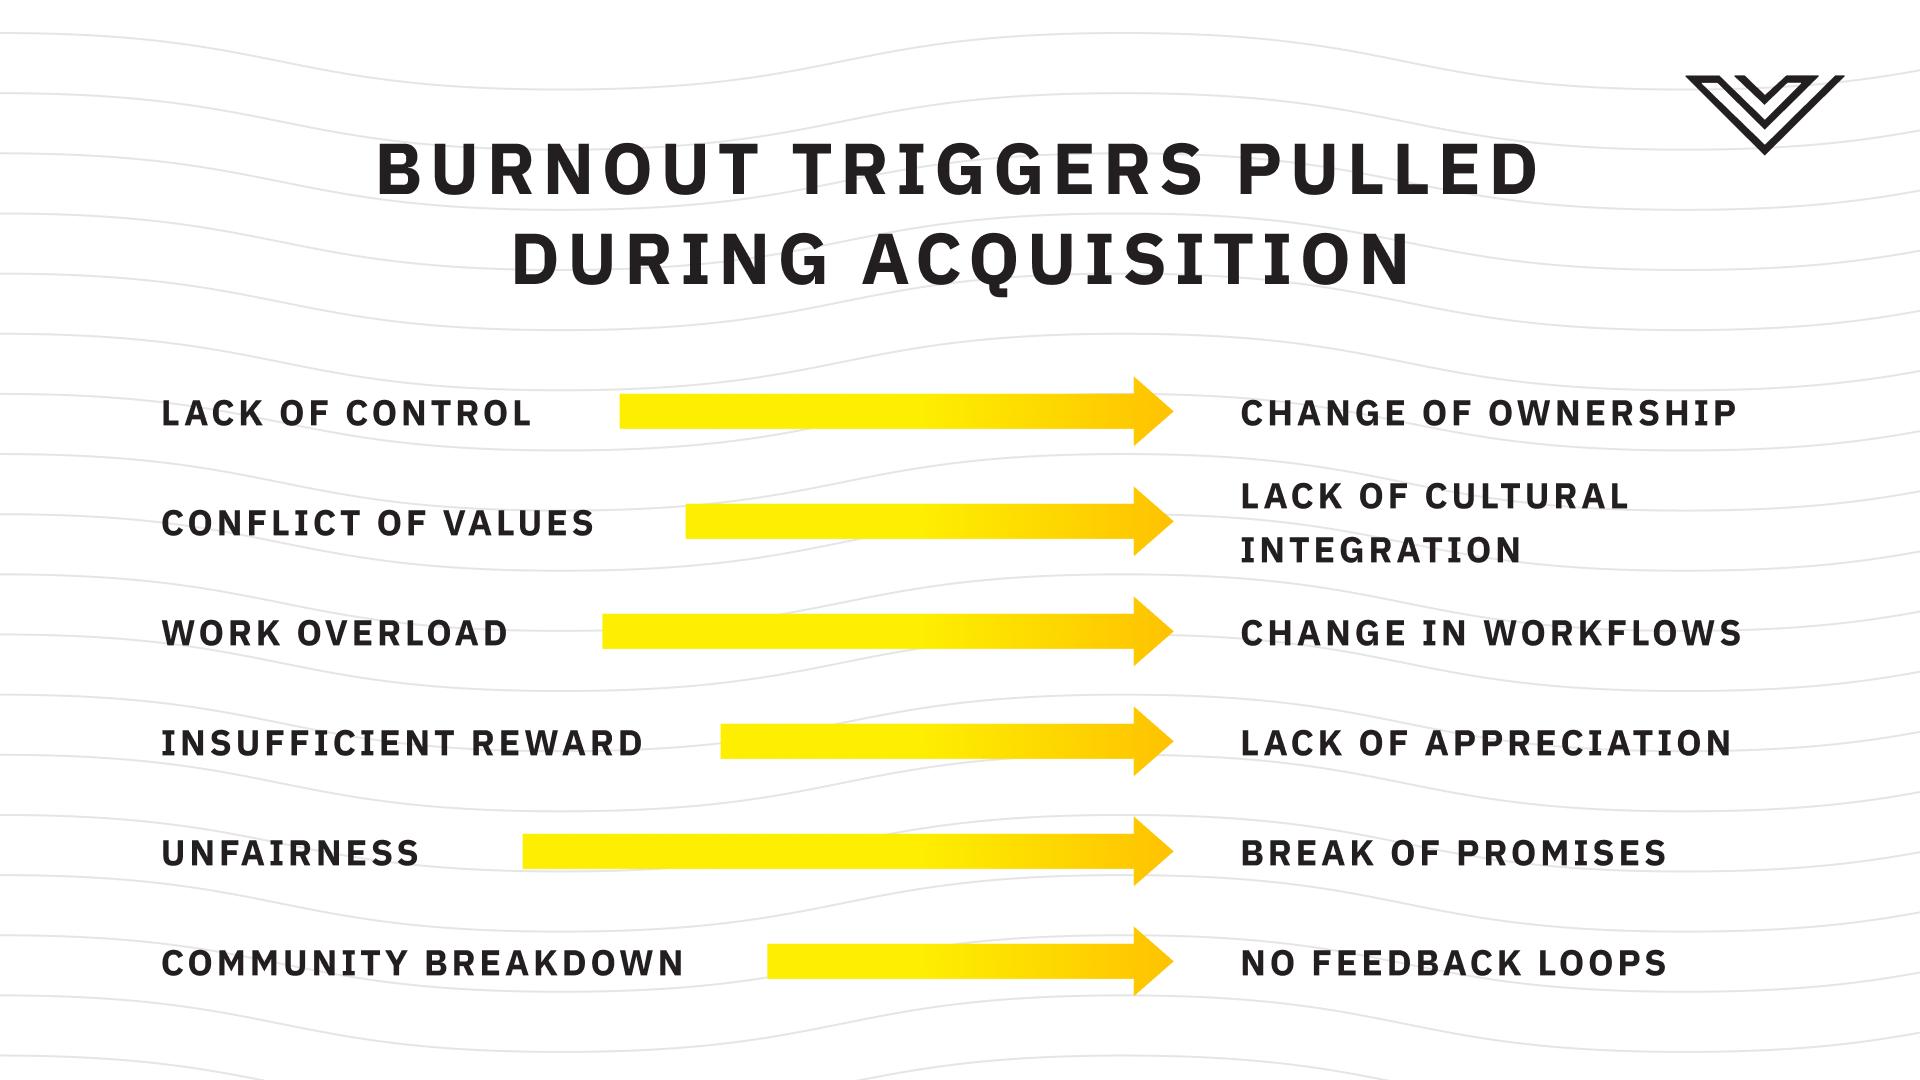 Burnout triggers